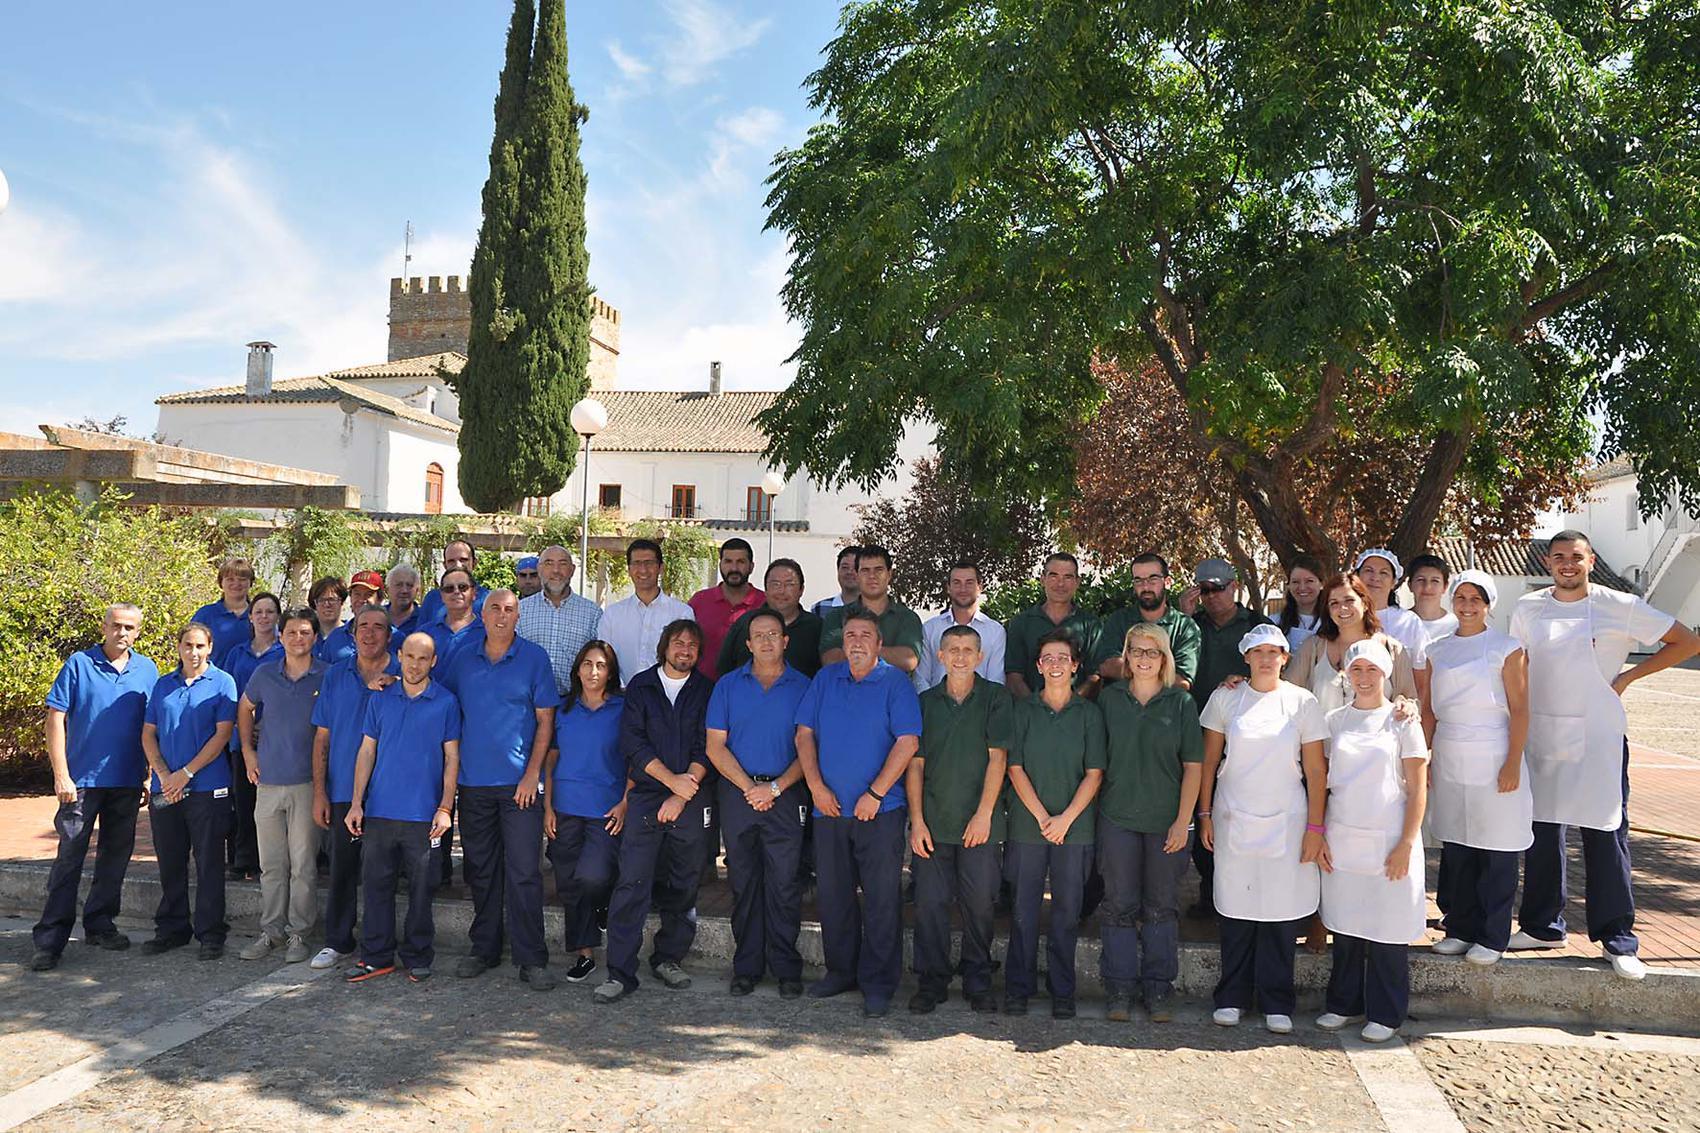 La Diputación pretende que la Finca Galiana sea un instrumento de generación de riqueza y empleo